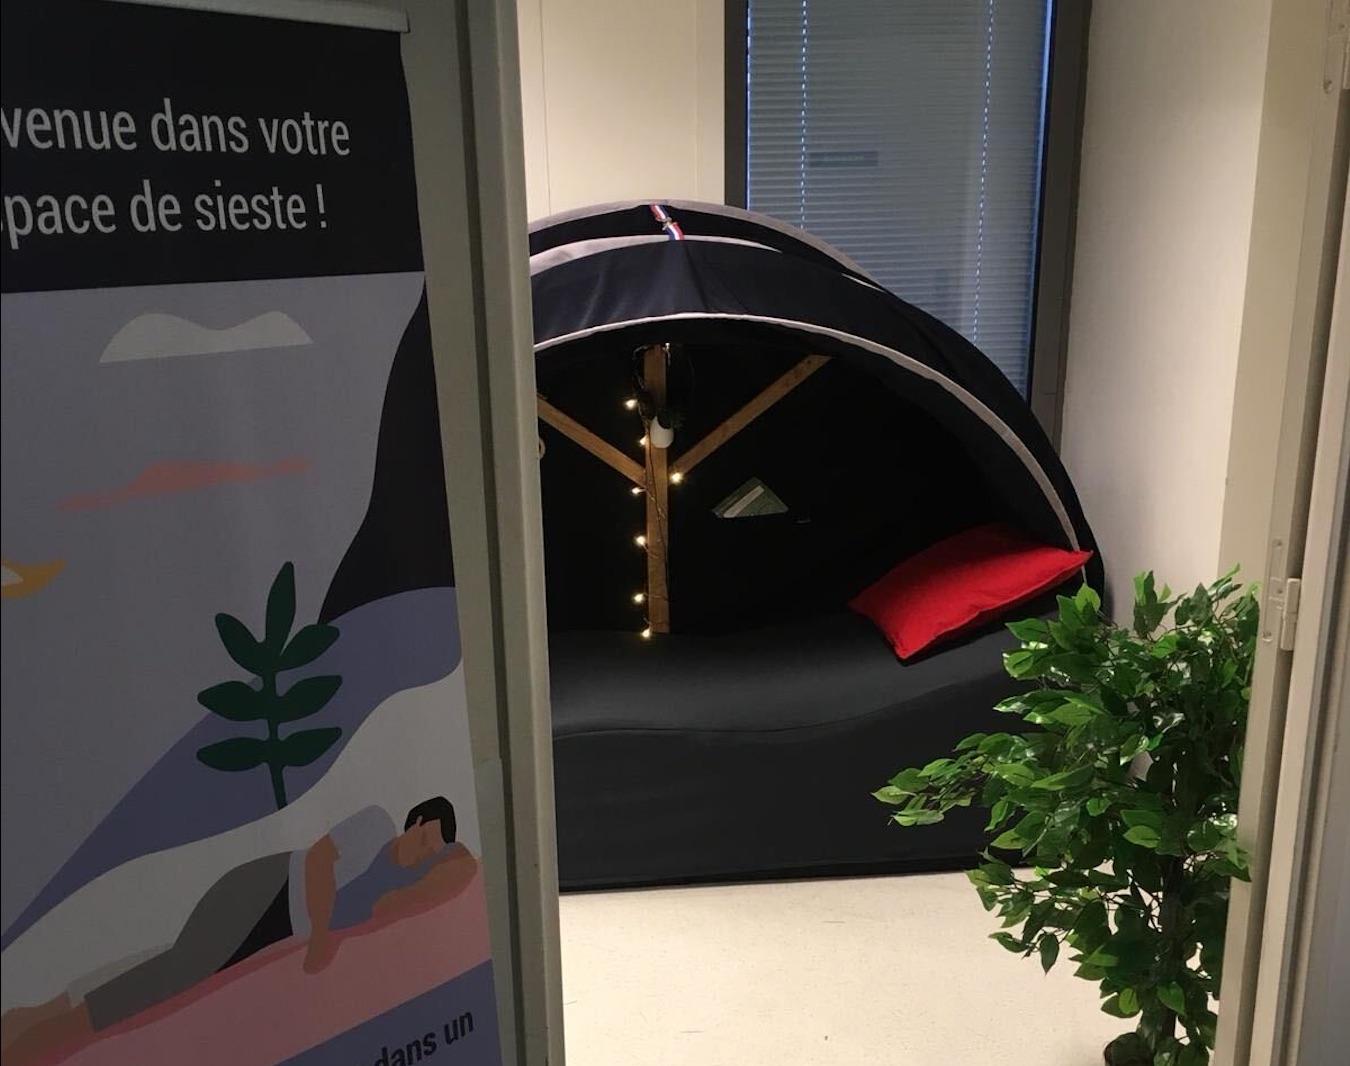 Espace de sieste à l'hôpital de Créteil